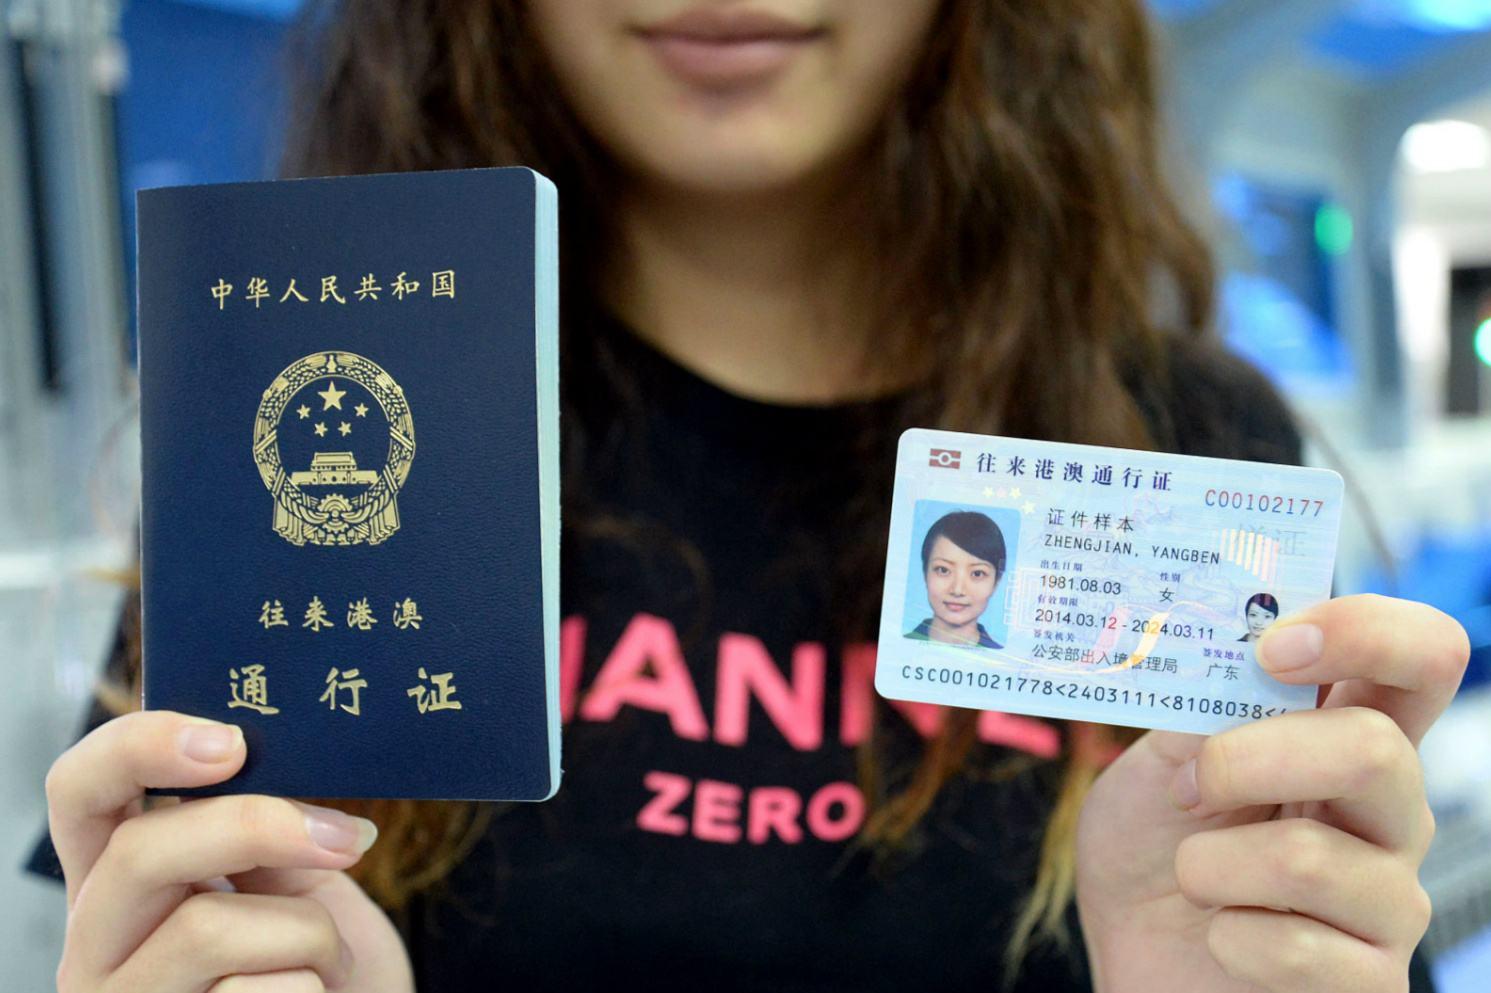 港澳居民华侨10月起凭出入境证件 可享多项民生服务便利